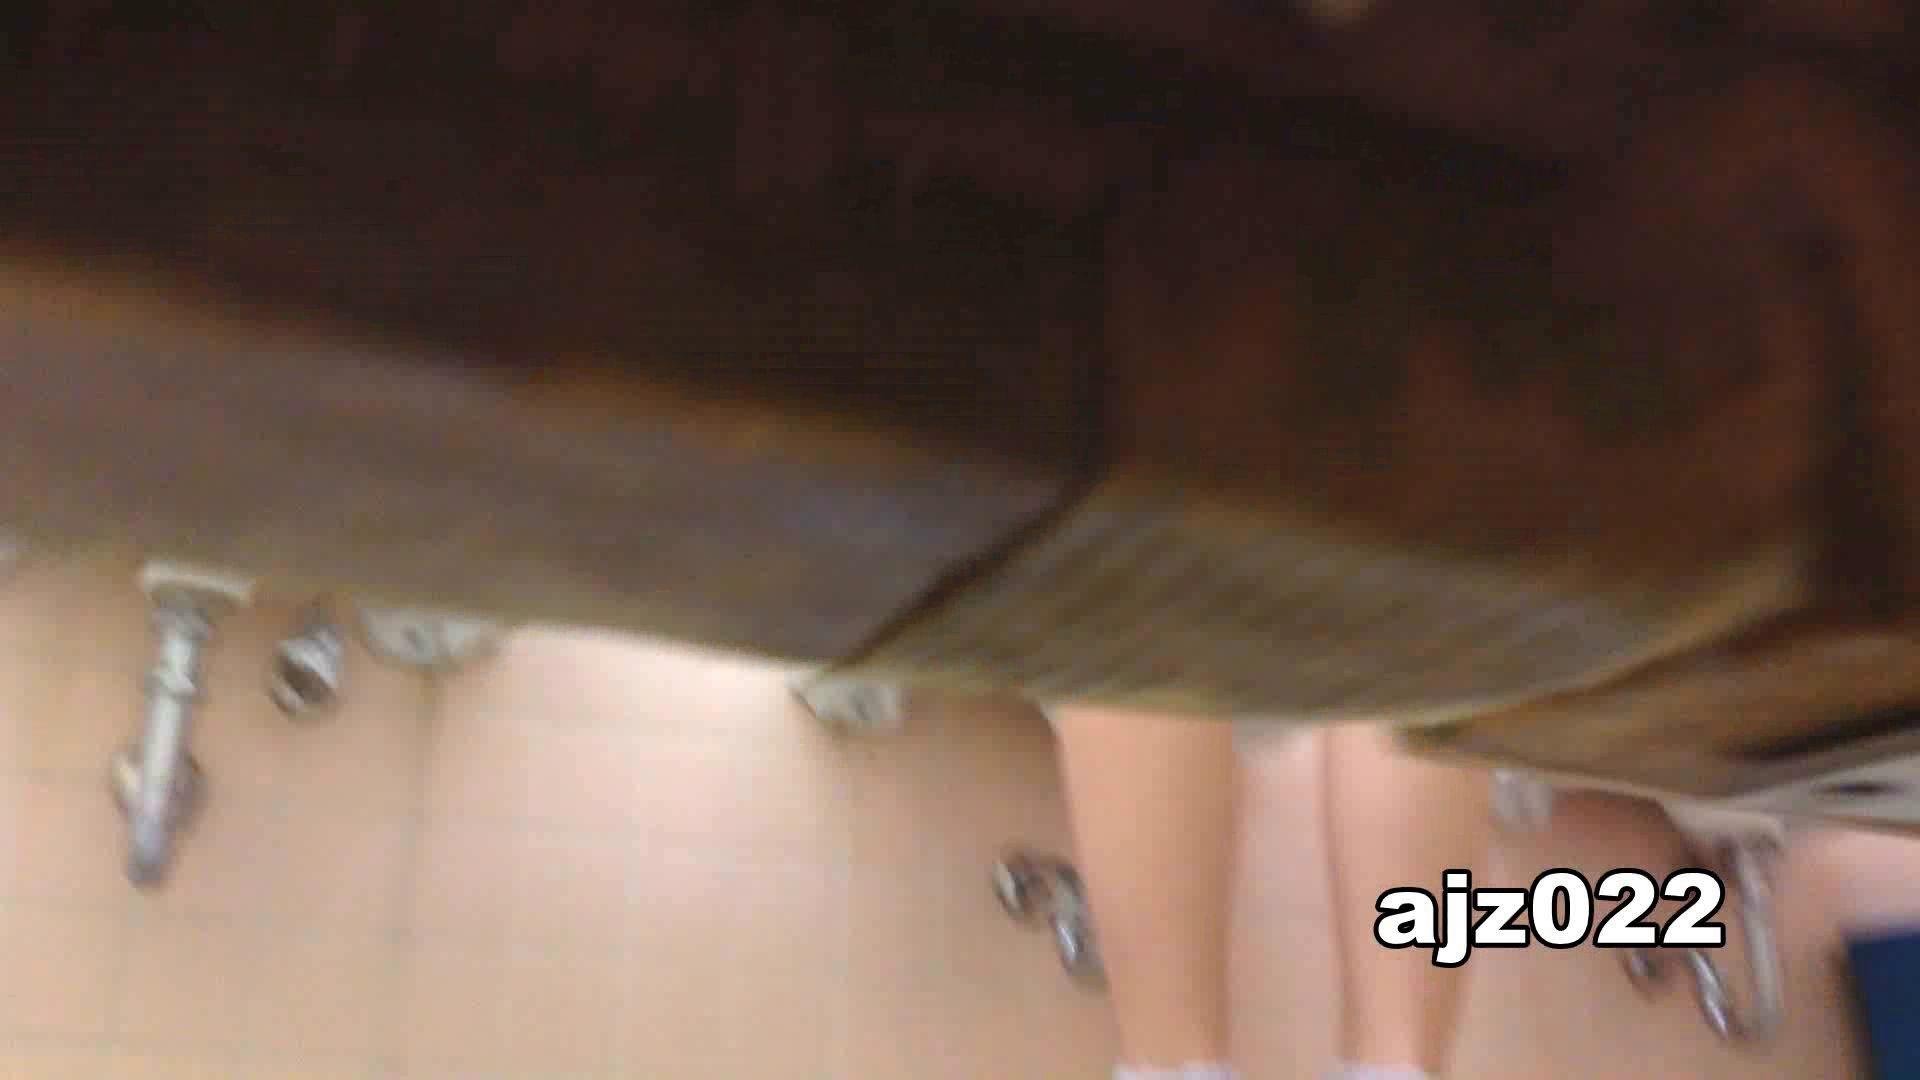 某有名大学女性洗面所 vol.22 排泄  78PIX 78